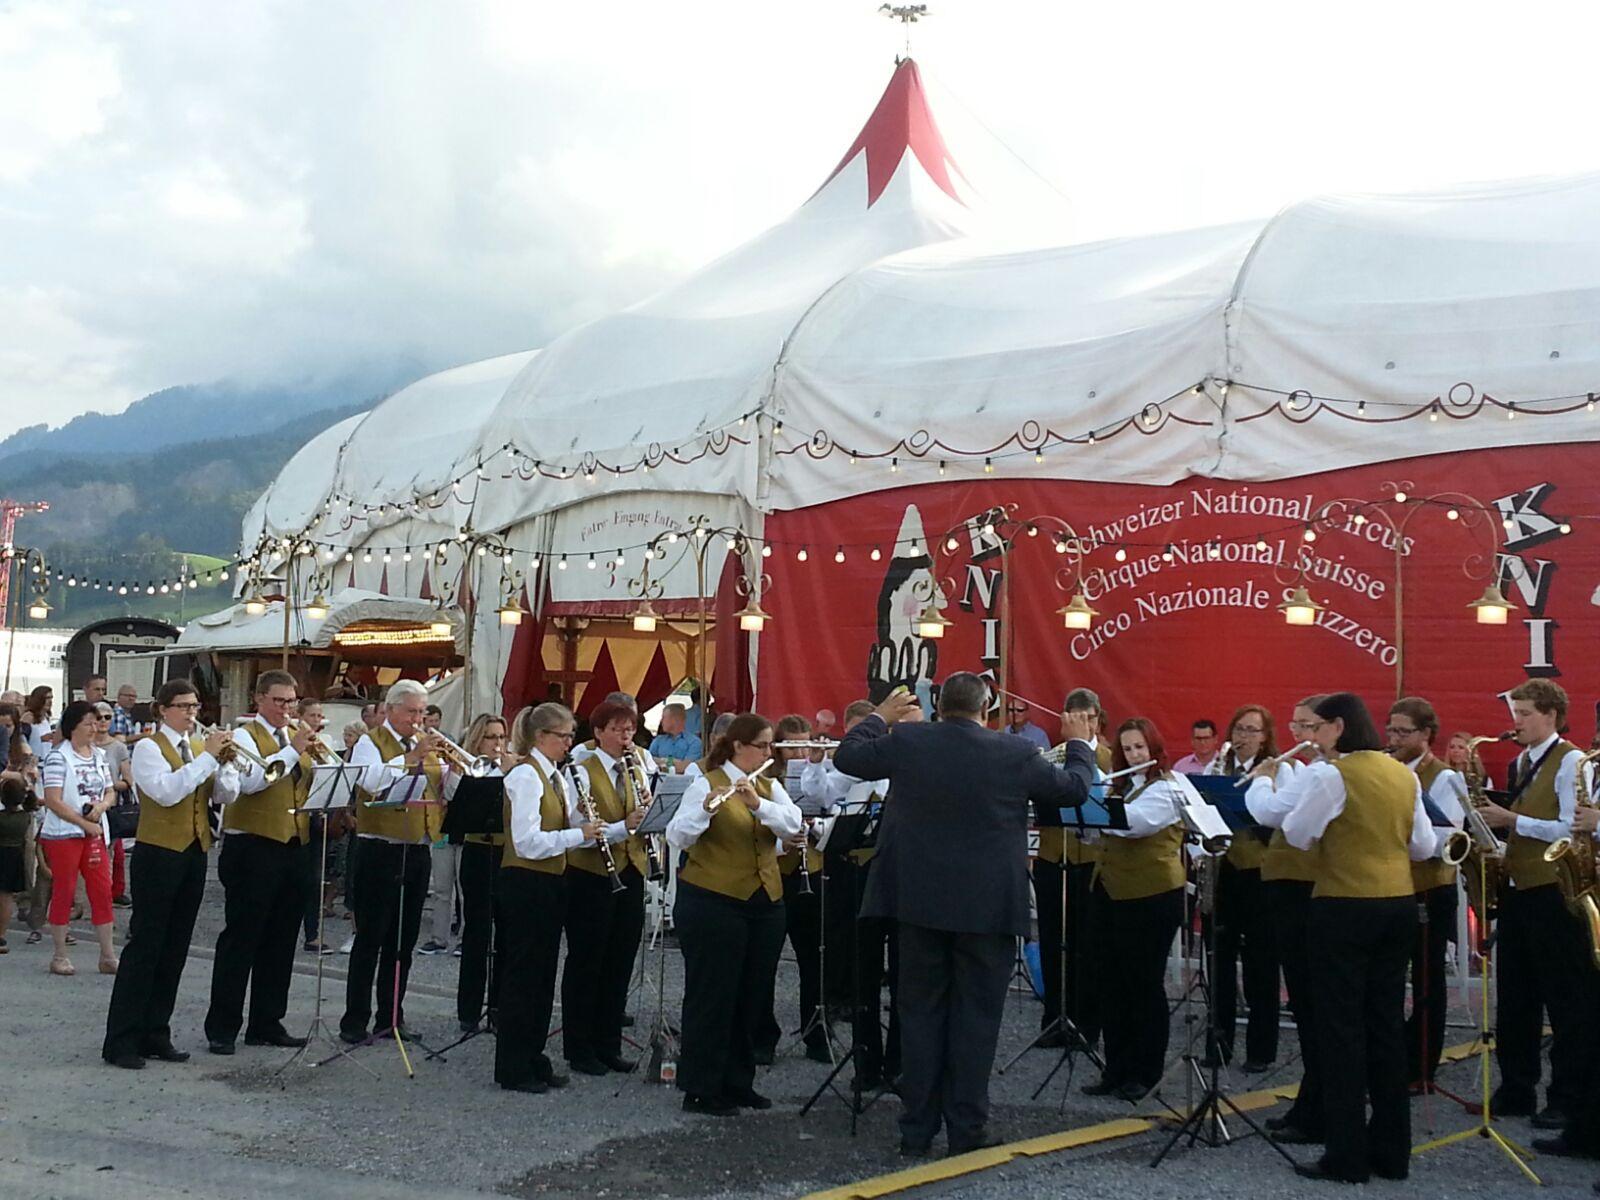 Zirkus Knie Premiere auf der Allmend in Luzern am 23.07.2016